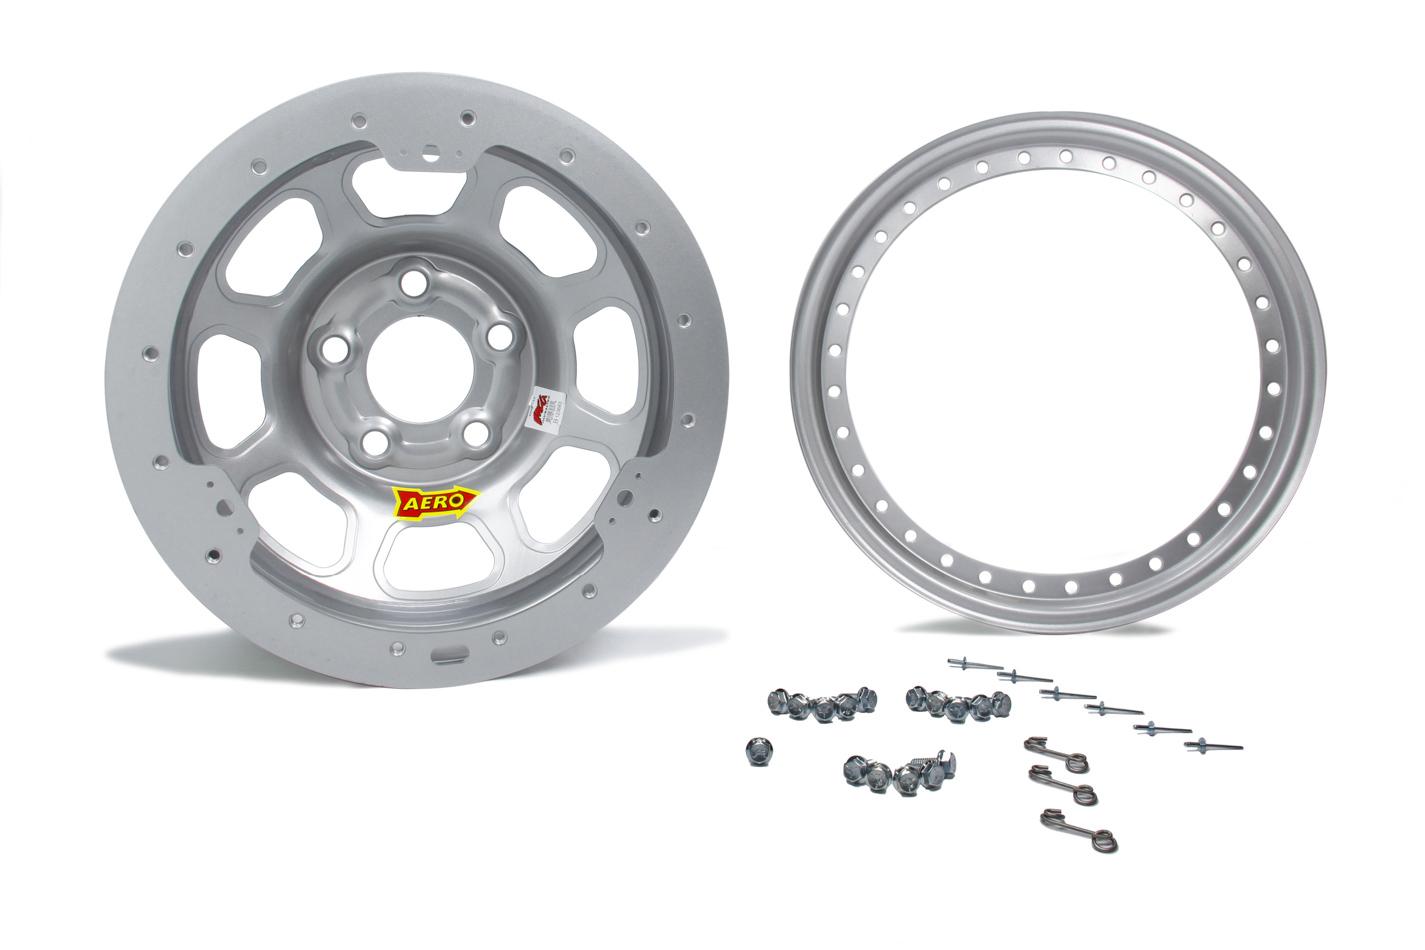 Aero Race Wheels 53-004720S Wheel, 53-Series, 15 x 10 in, 2.000 in Backspace, 5 x 4.75 in Bolt Pattern, Beadlock, Steel, Silver Powder Coat, Each